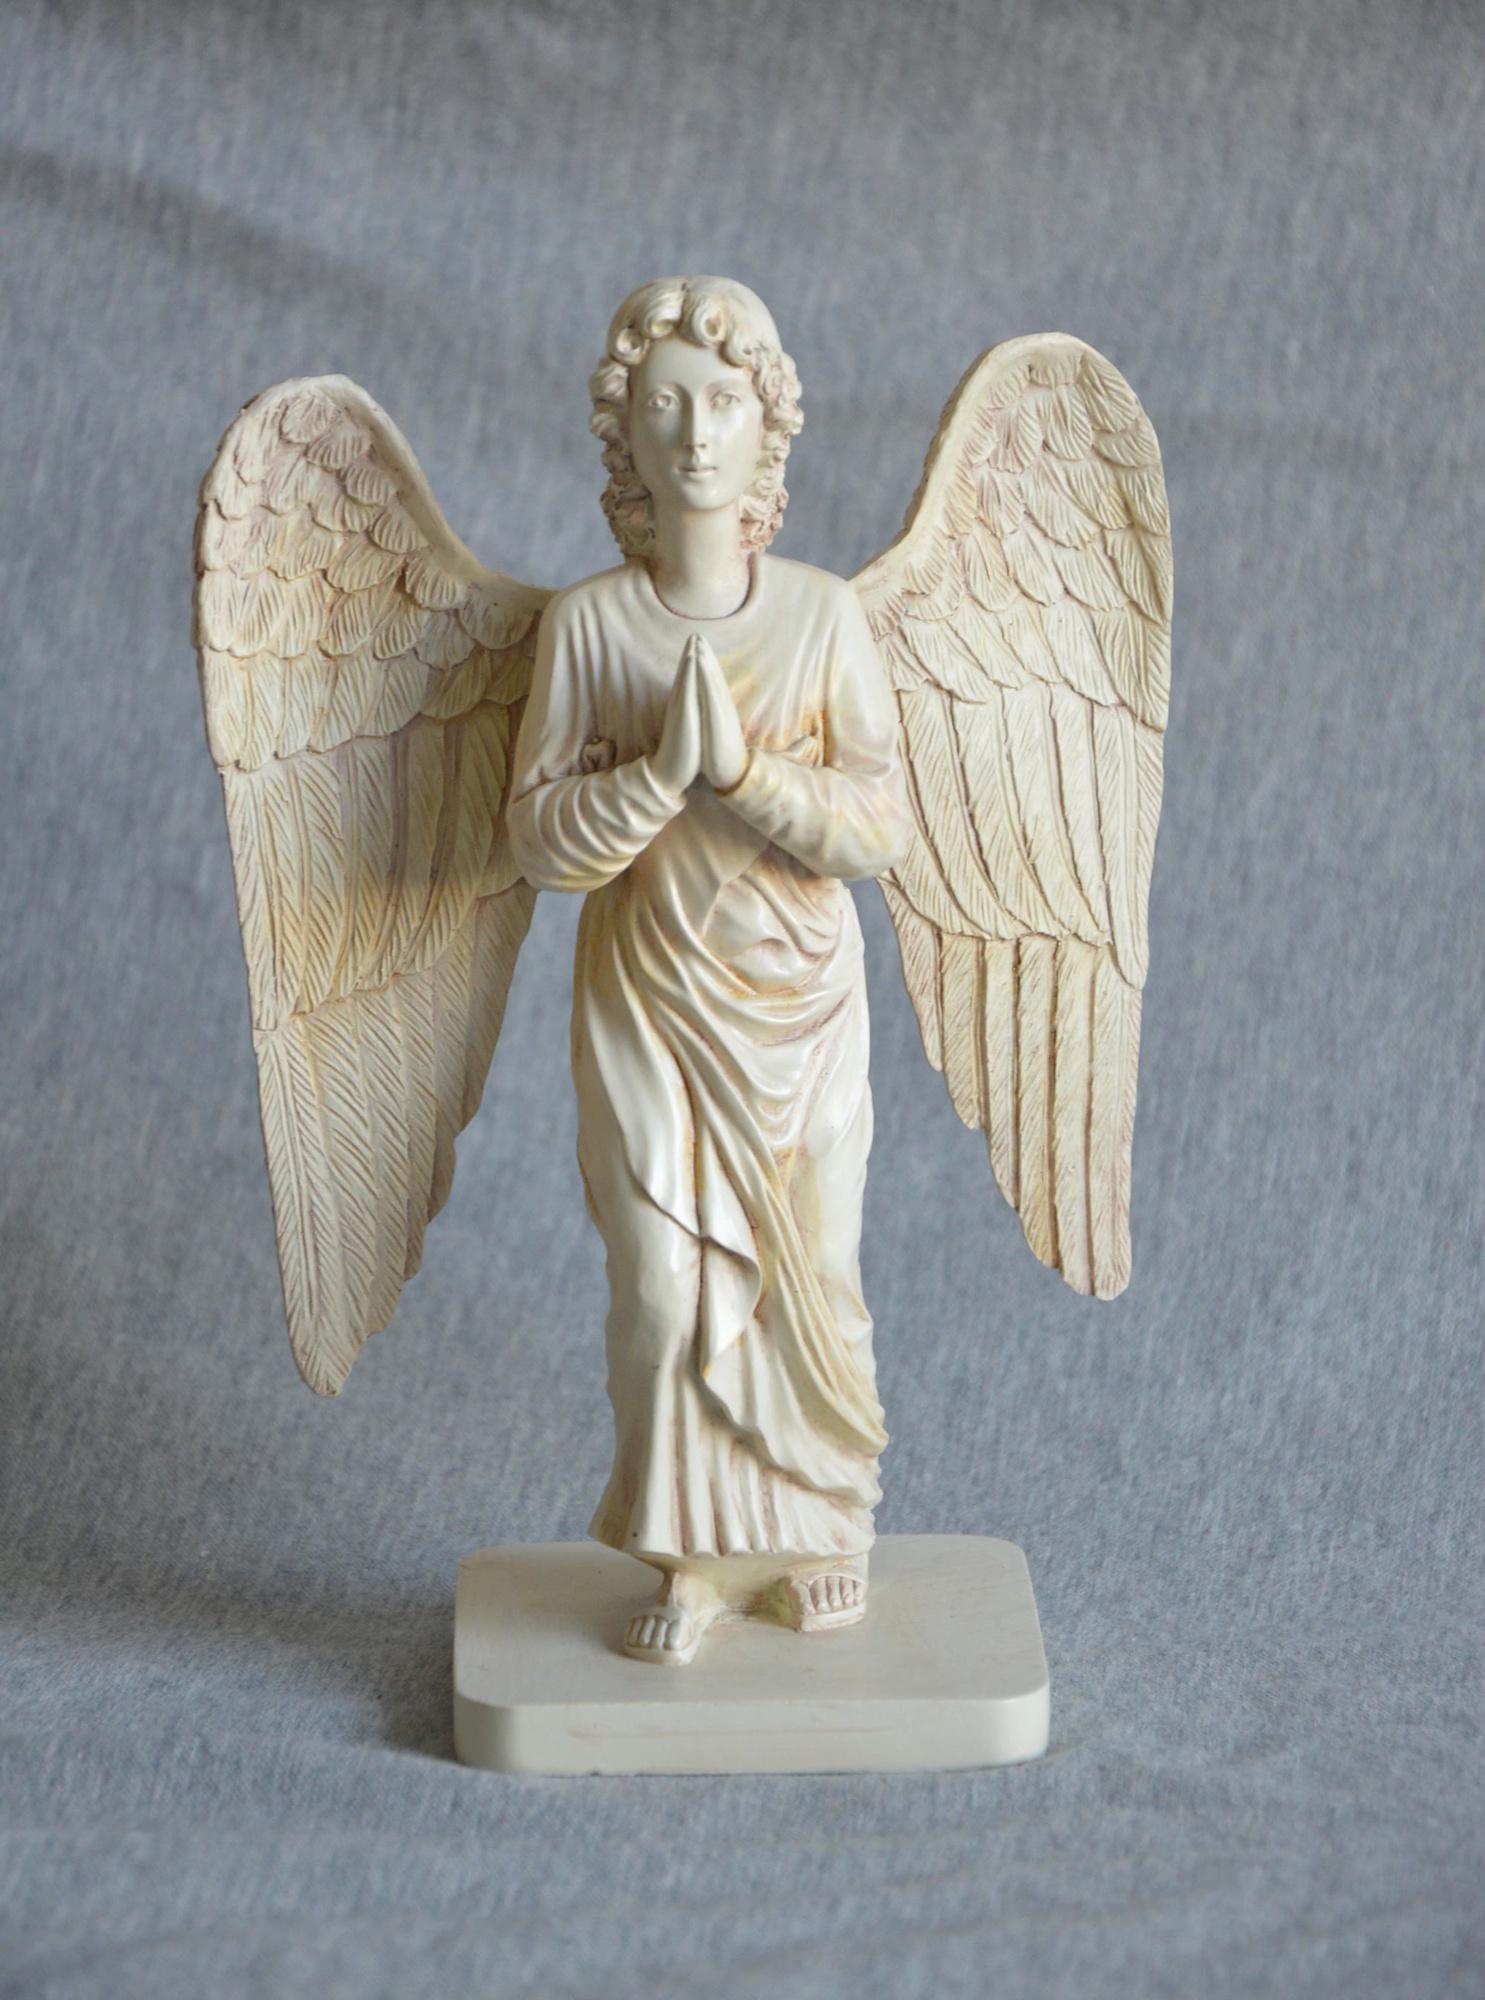 Tidsmæssigt Køb Ærkeenglen Gabriel figur online til en lav pris HP-91